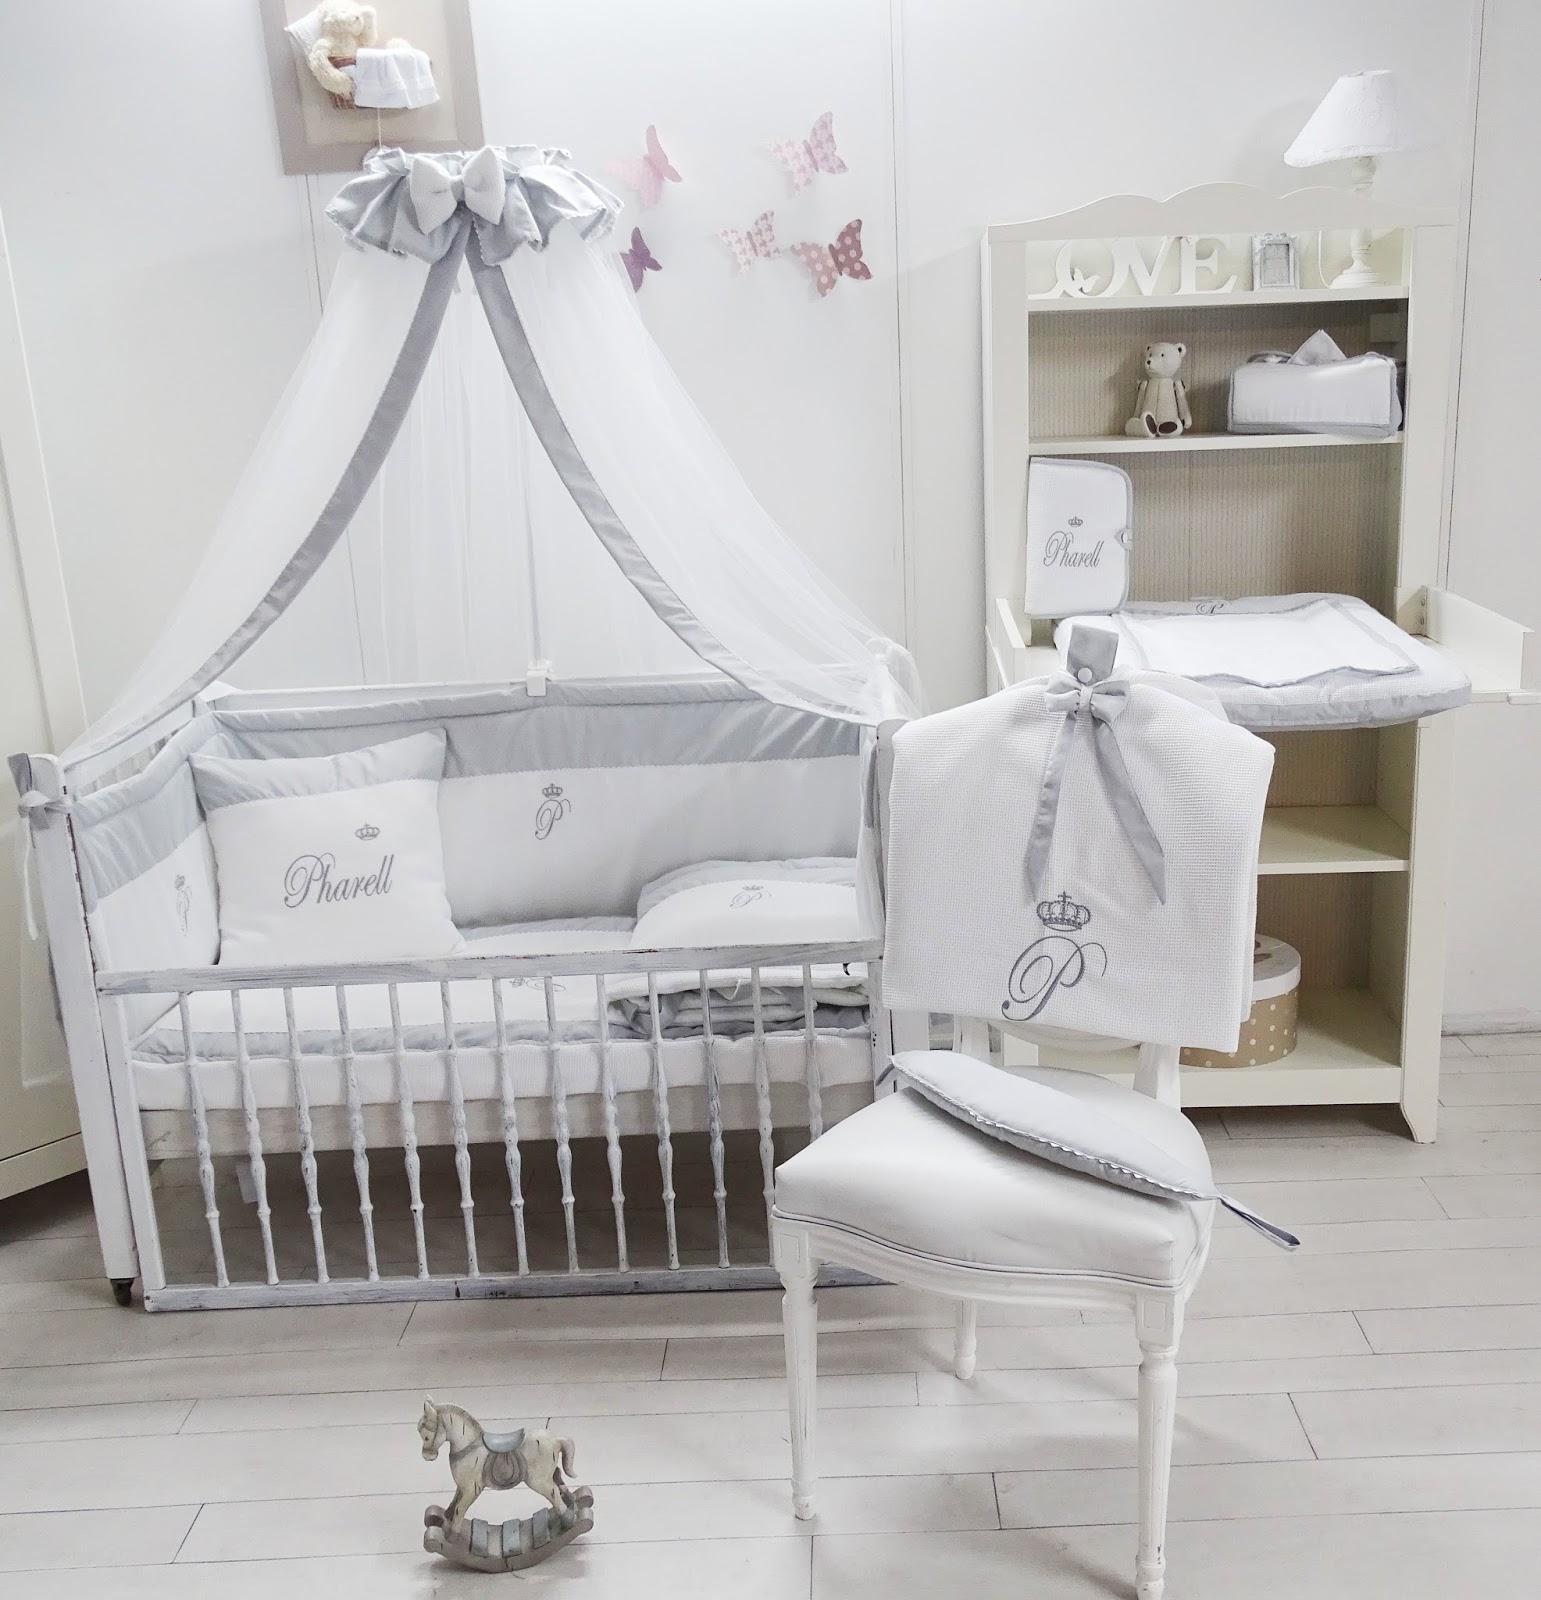 tour de lit bébé sur mesure Nouveautés Cocon d'Amour Collection linge de lit de bébé, couffins  tour de lit bébé sur mesure